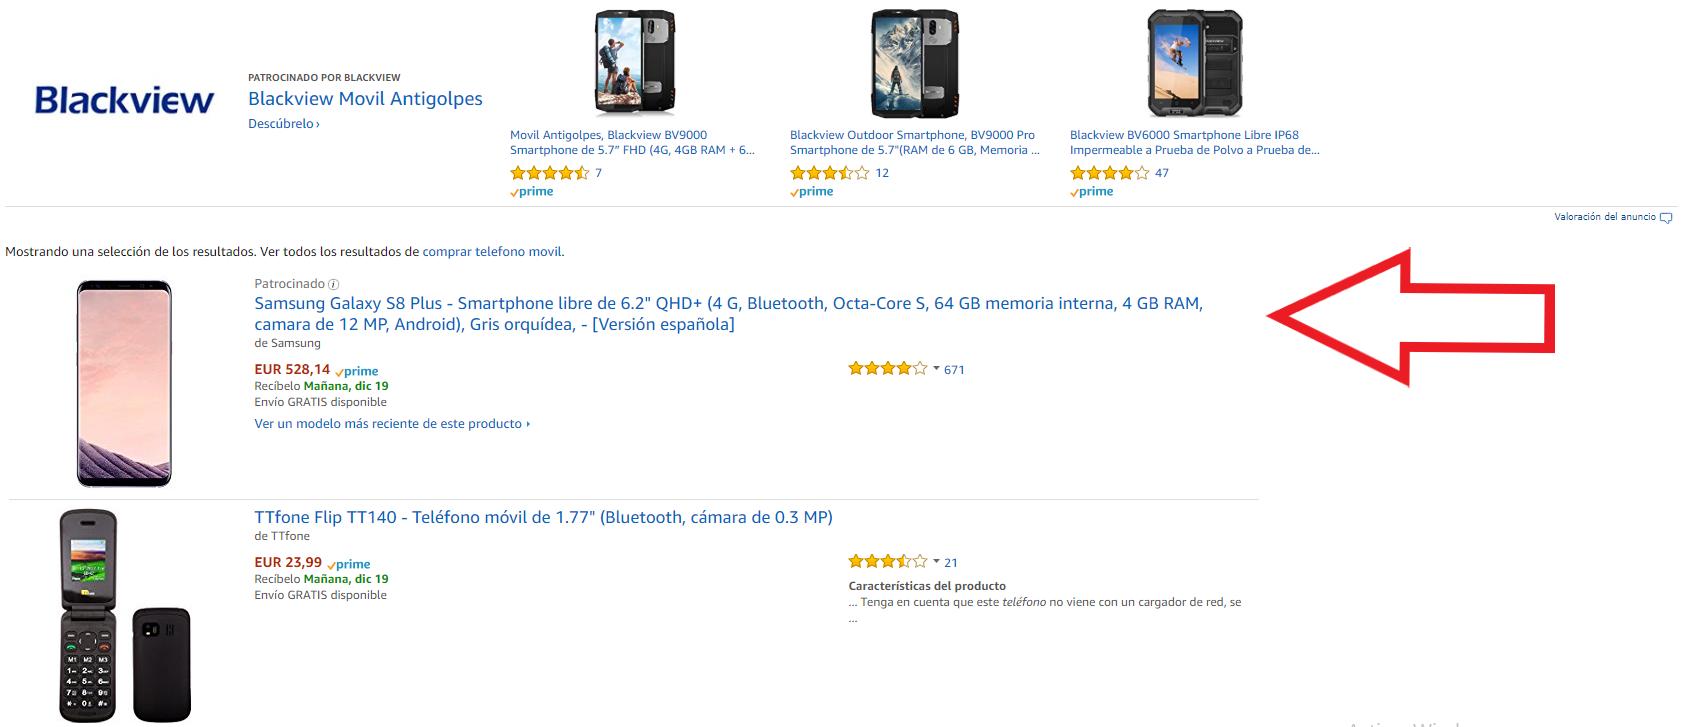 Producto patrocinado publicidad Amazon